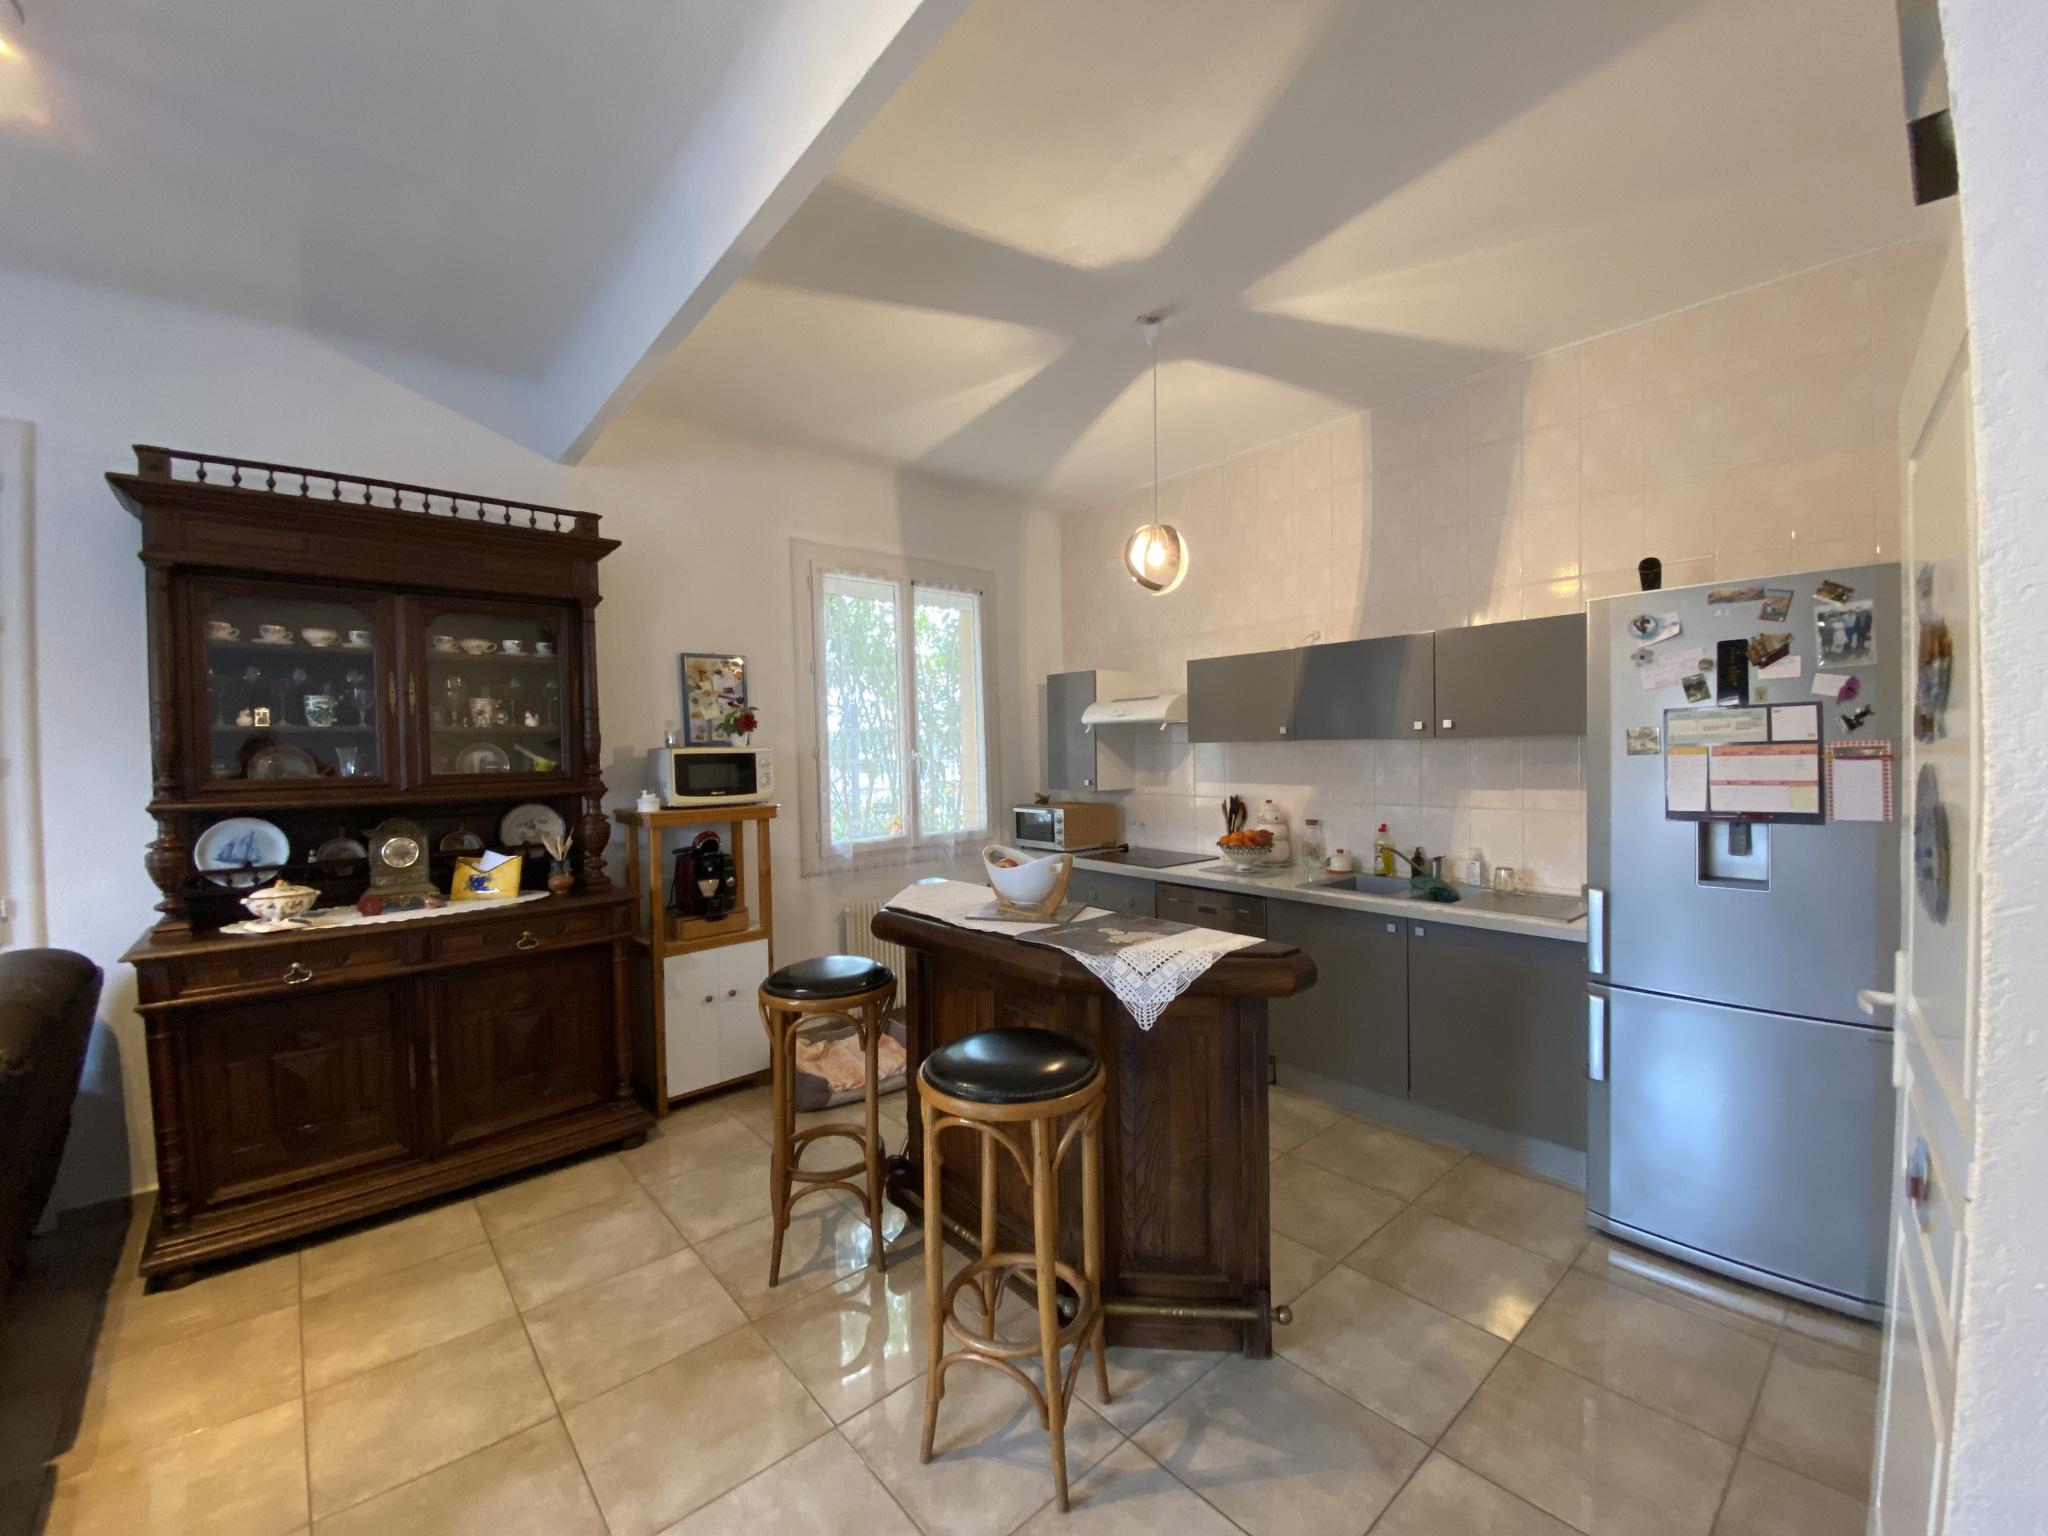 À vendre appartement de 104.21m2 à argeles sur mer (66700) - Photo 1'